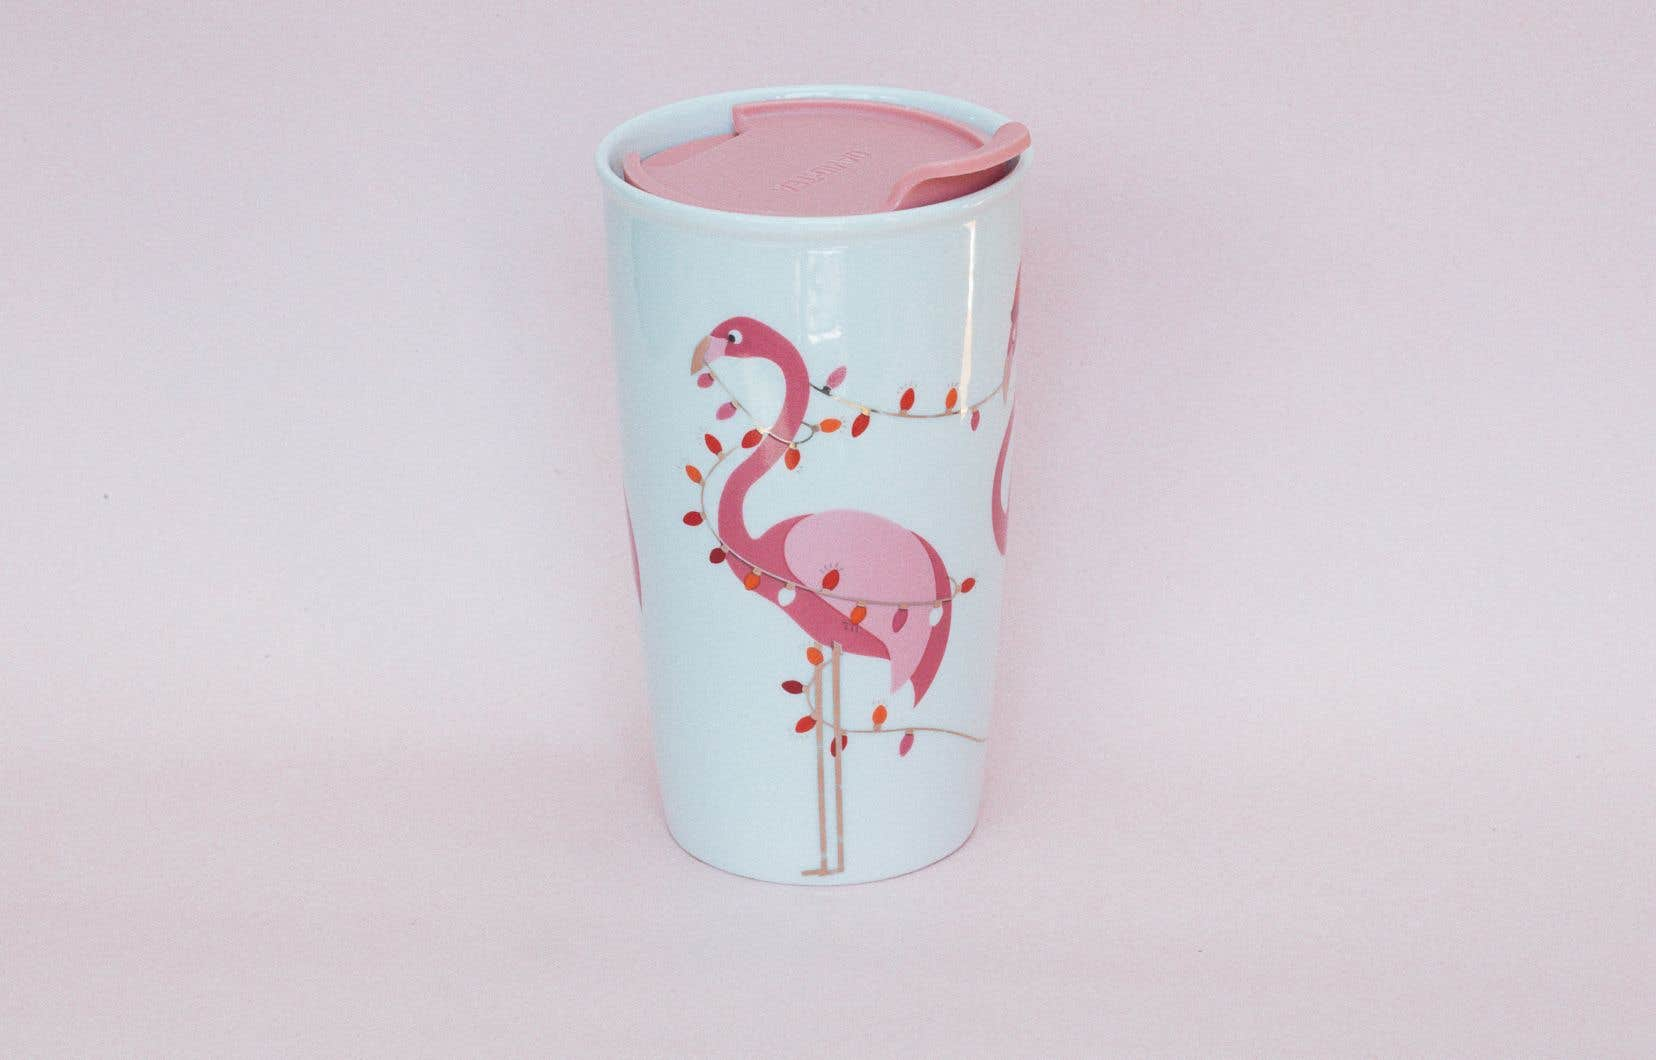 <p>«La tasse réutilisable tombe dans l'oubli, rangée et nettoyée, en attente de redevenir une nécessité», constate Juliette Chevalier.</p>